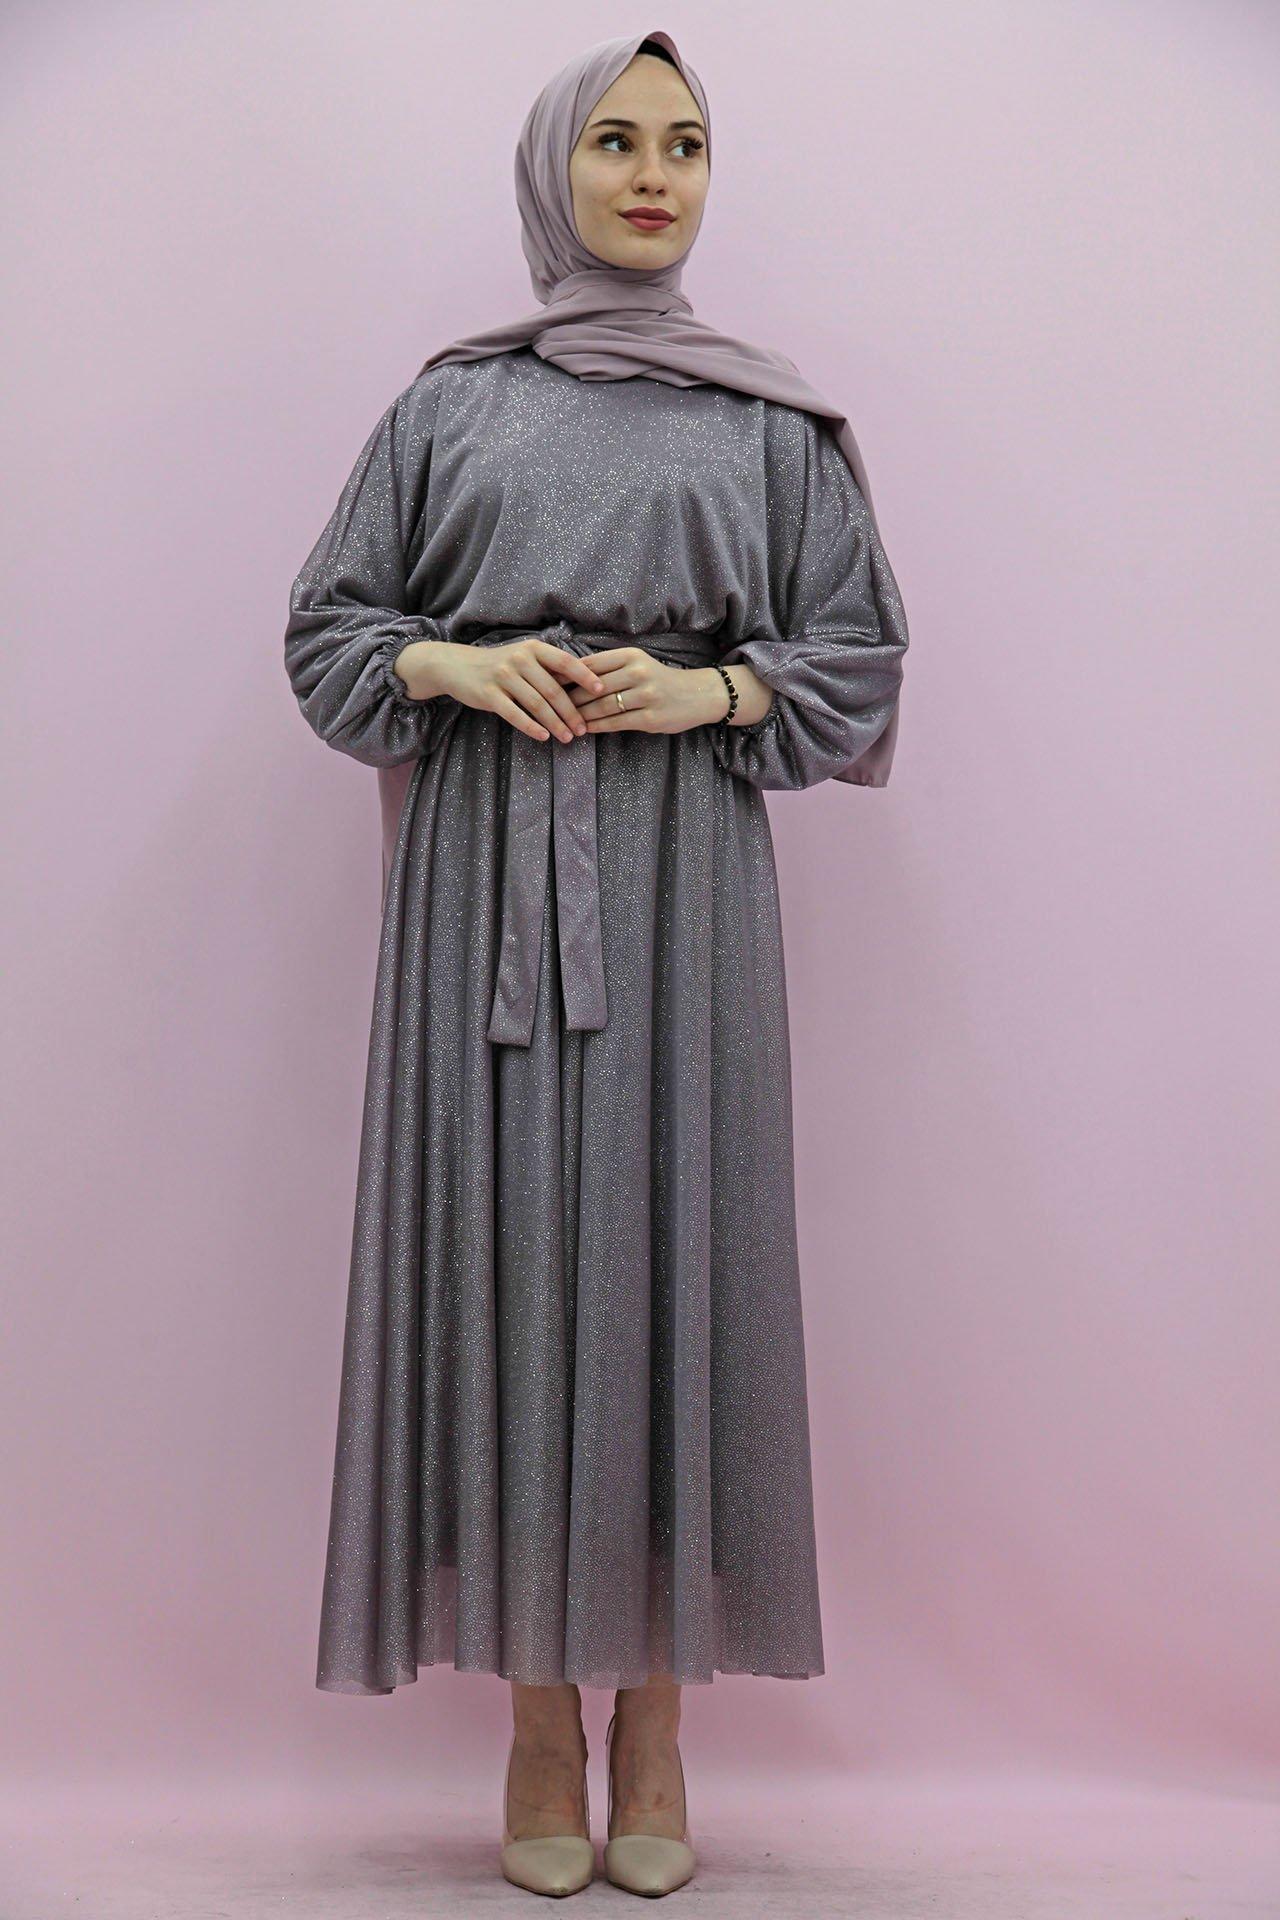 GİZAGİYİM - Simli Şifon Elbise Mor Salkım